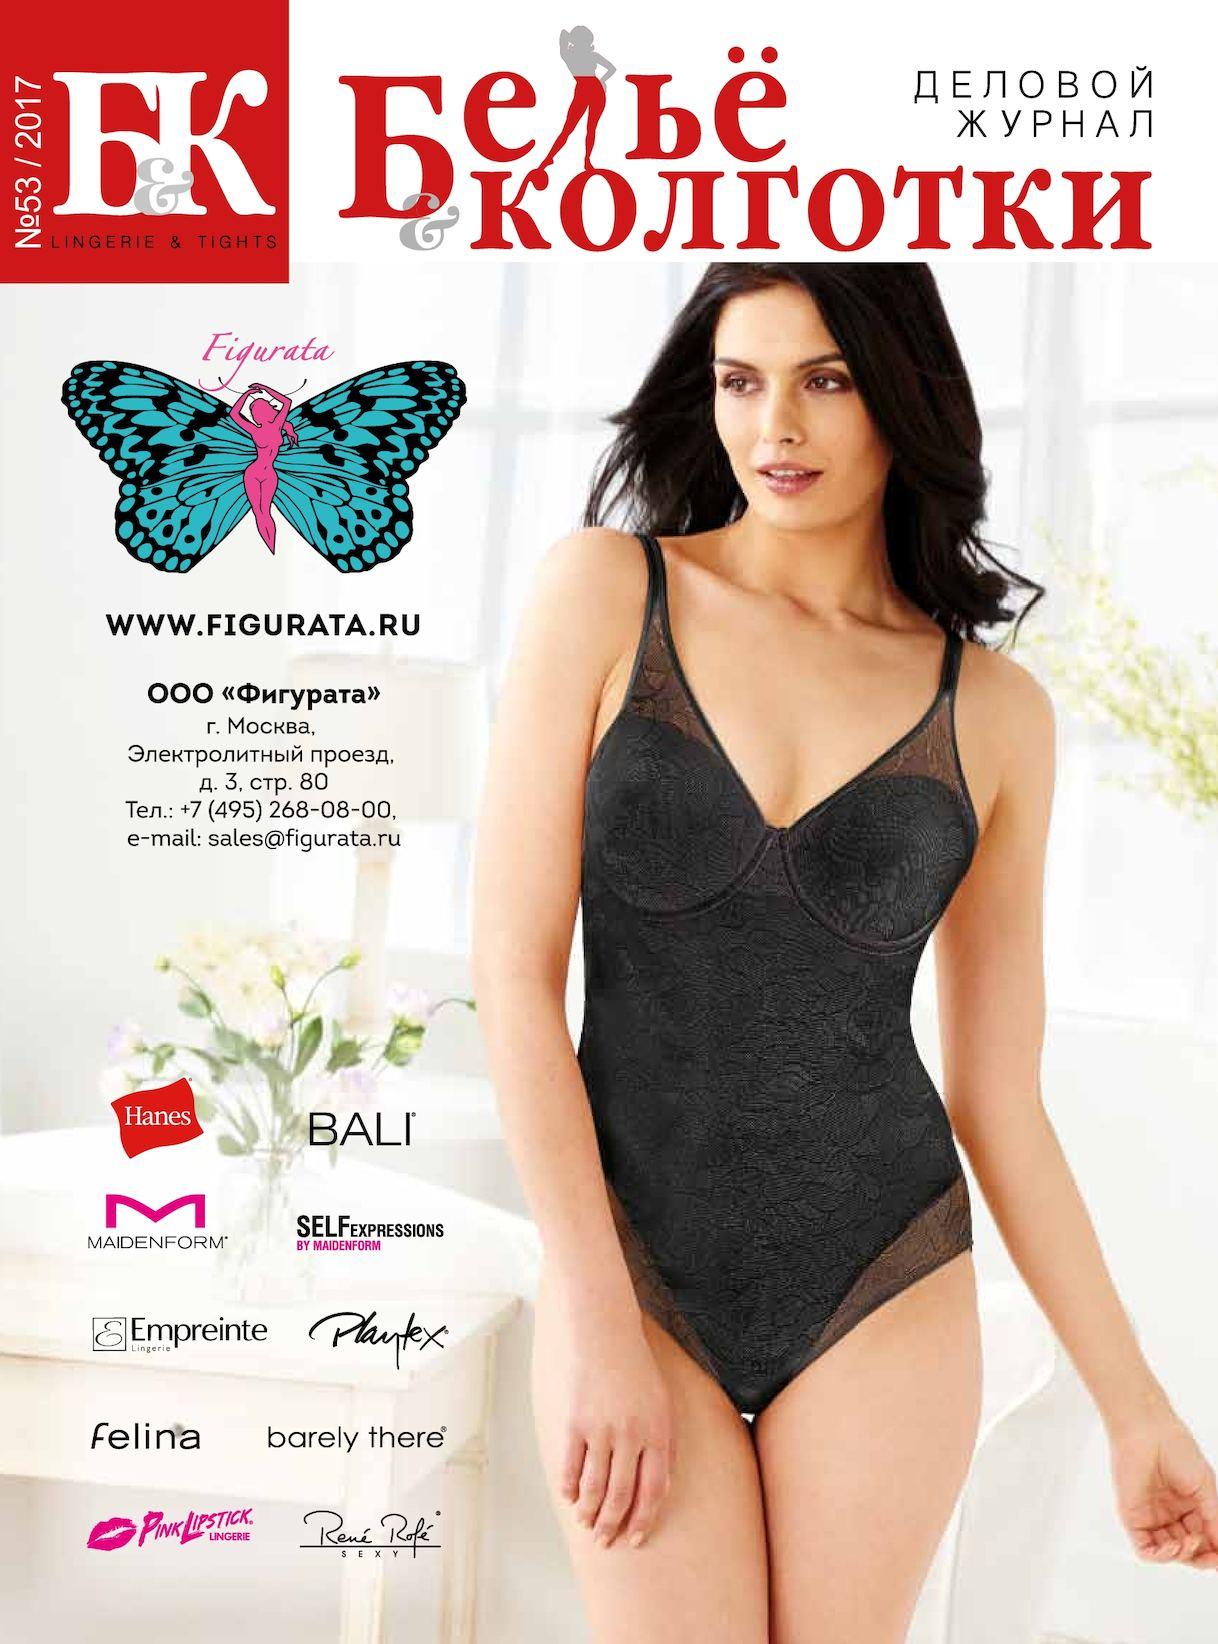 Calaméo - Российский деловой журнал «Белье и колготки» № 53 e8c23b1fc17